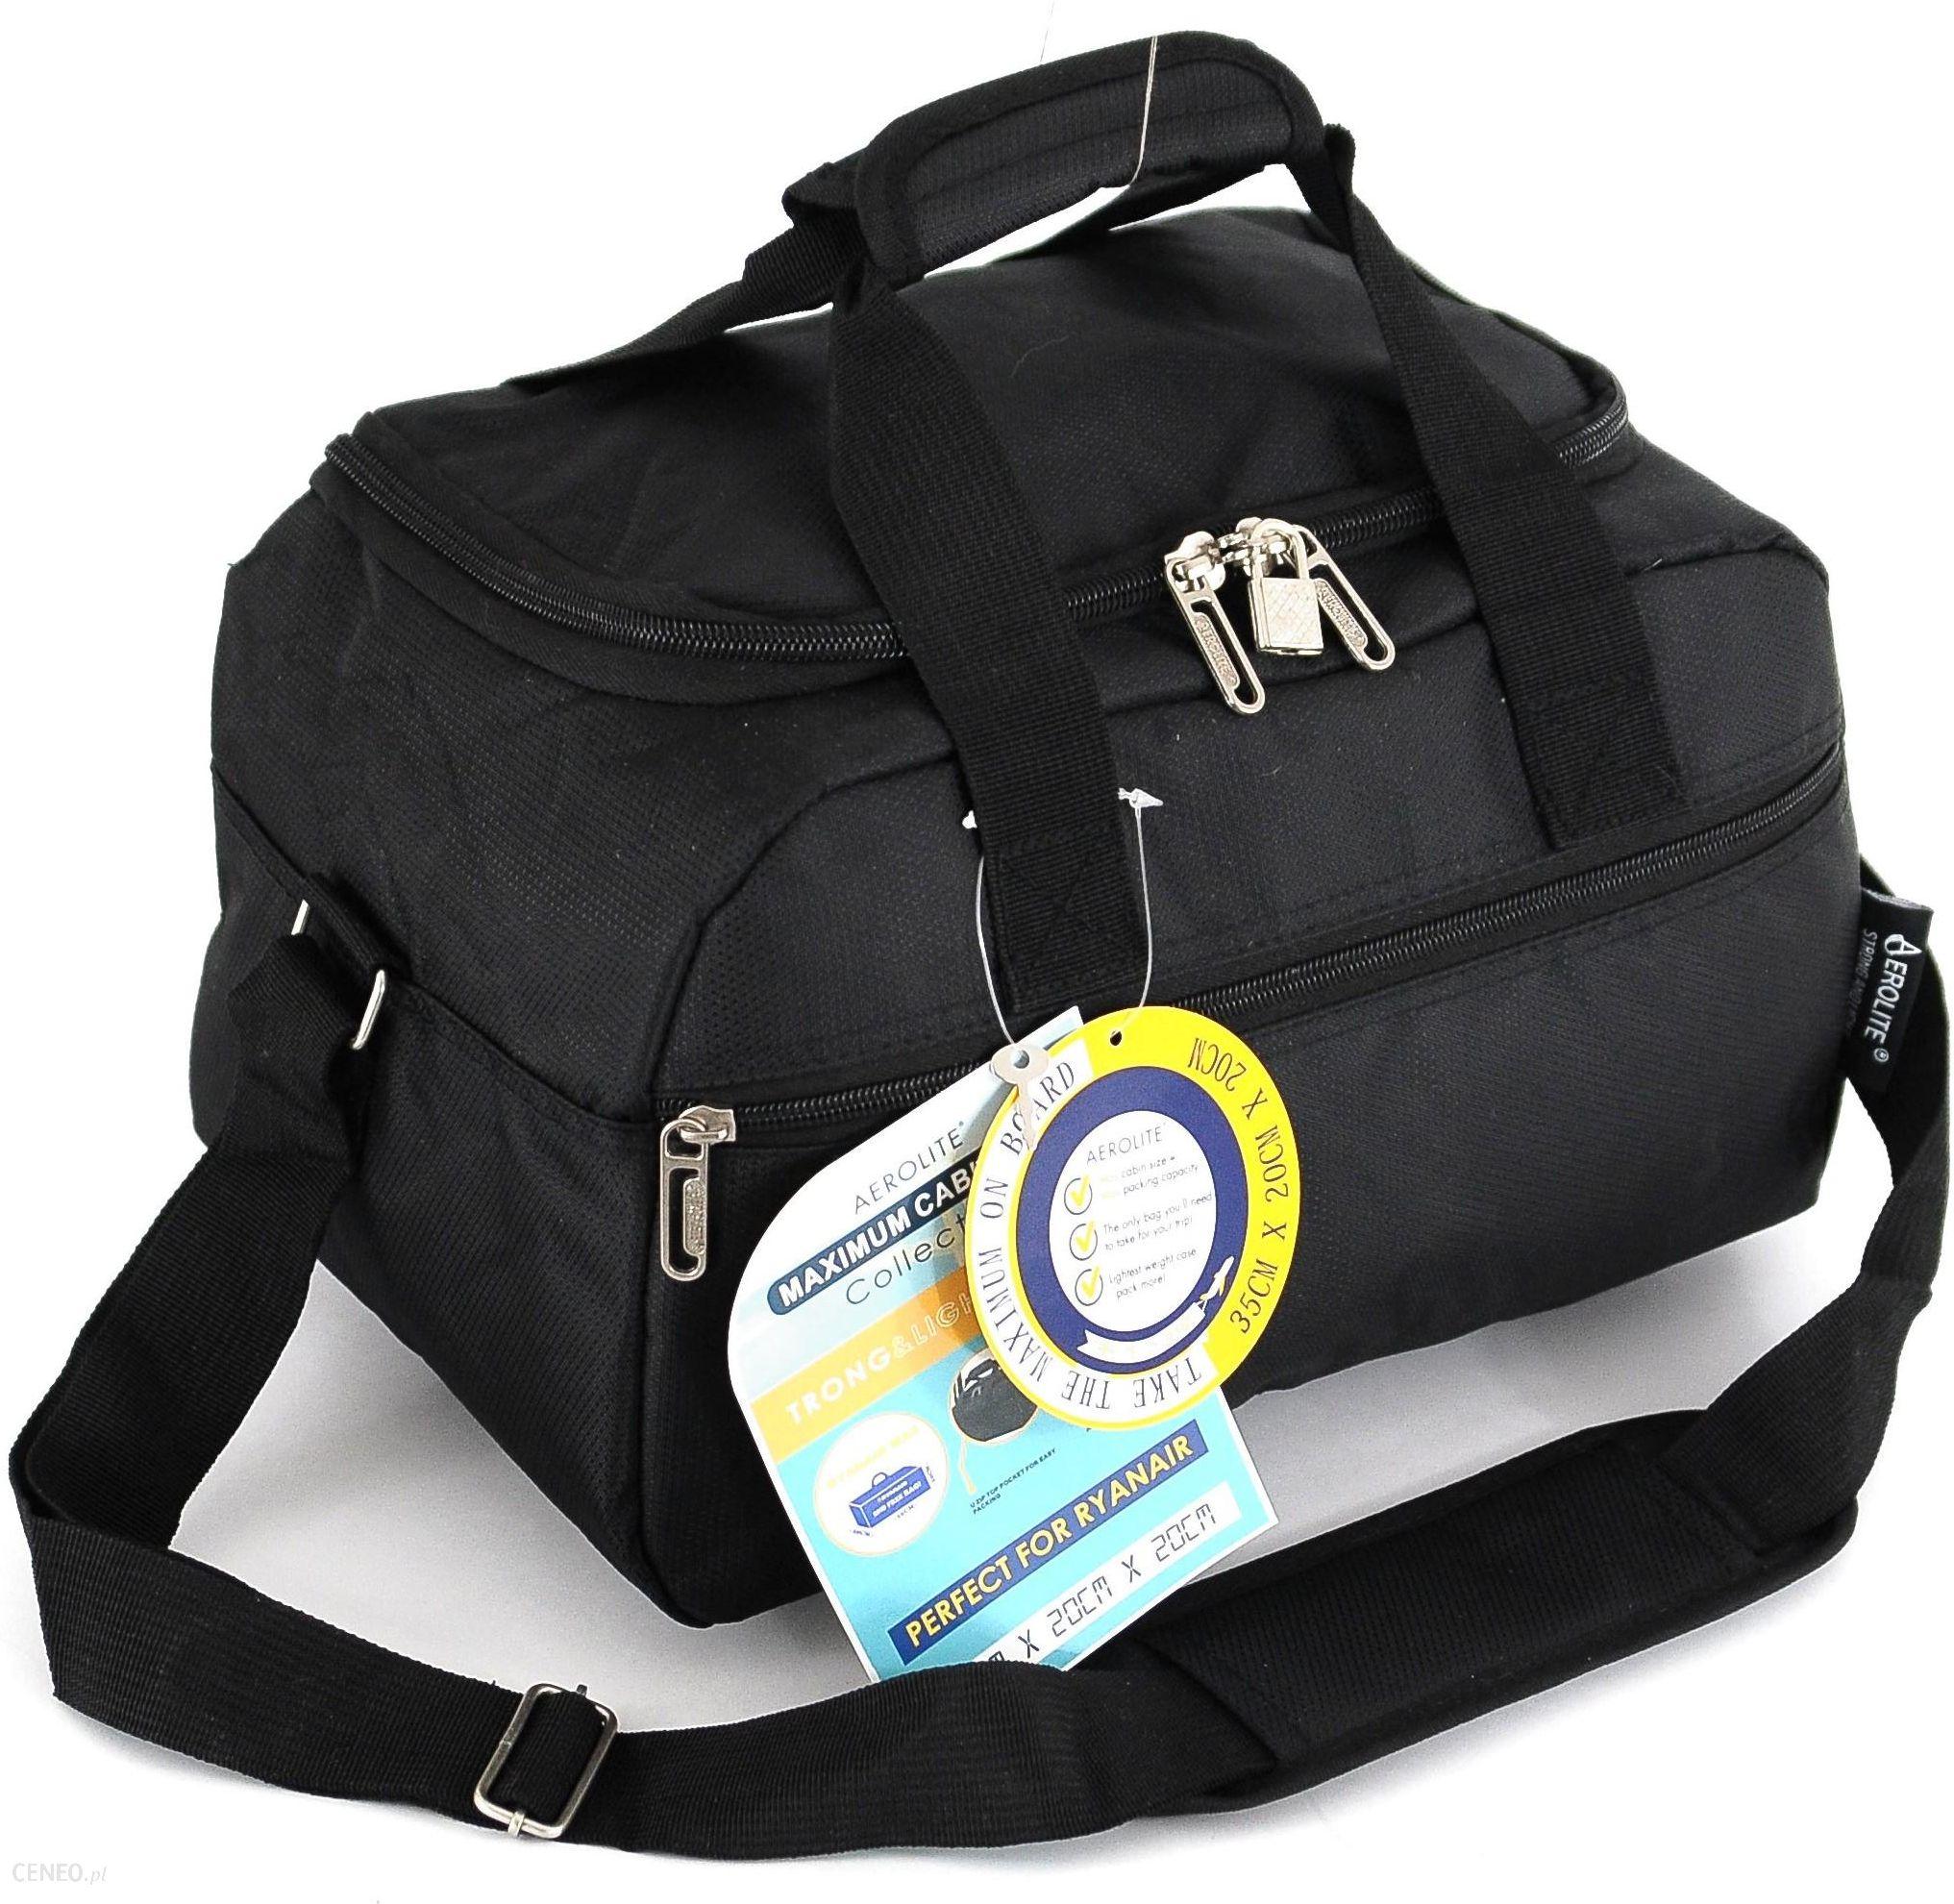 c2cd22d3c3a69 Torba na Ramię bagaż podręczny 35x20x20 Ryanair - Ceny i opinie ...